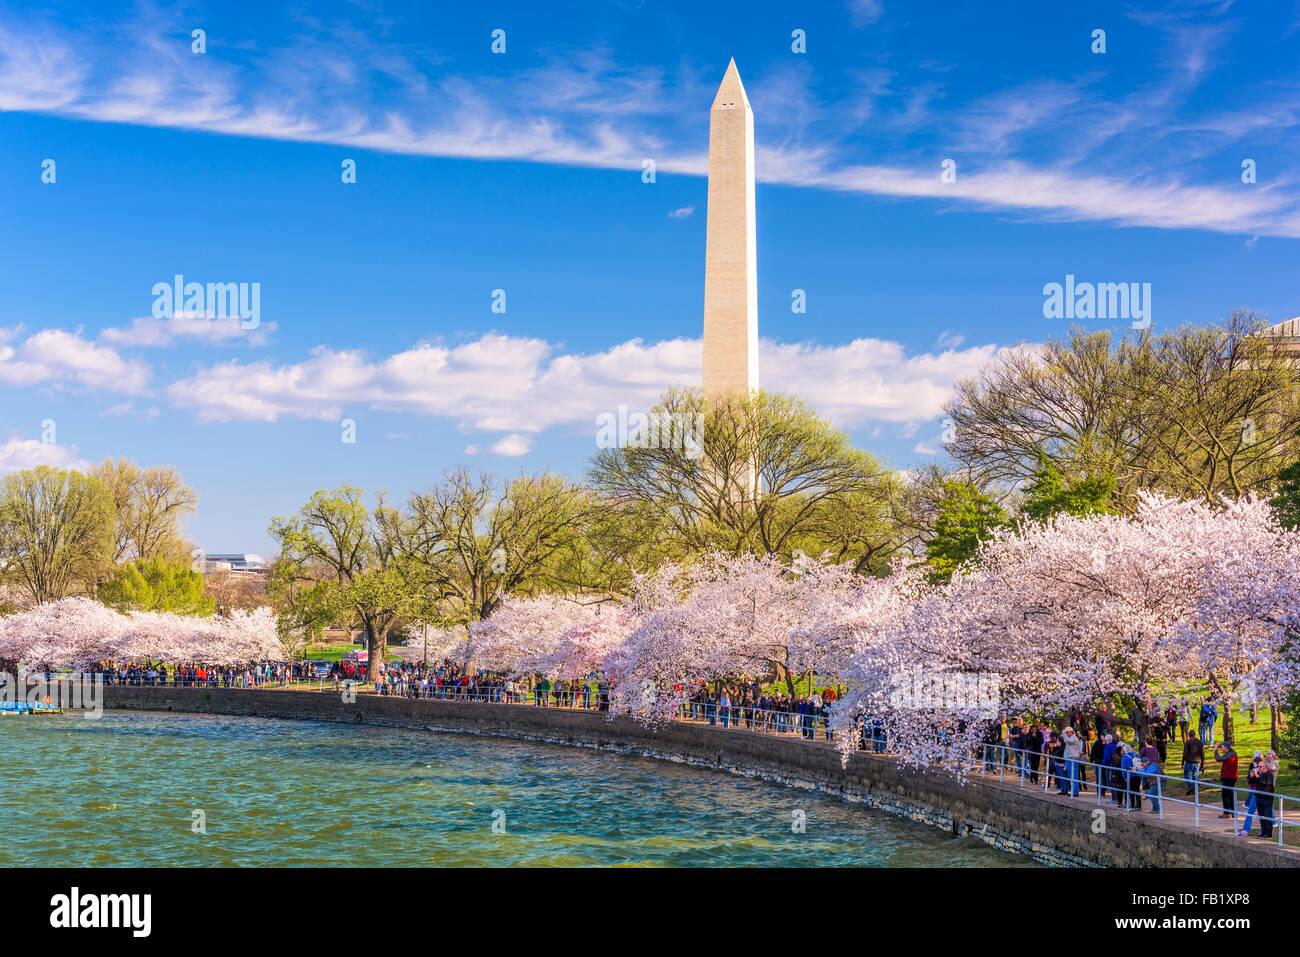 WASHINGTON DC - 10 Aprile 2015: folle passeggiata sotto gli alberi di ciliegio e il Monumento a Washington durante Immagini Stock